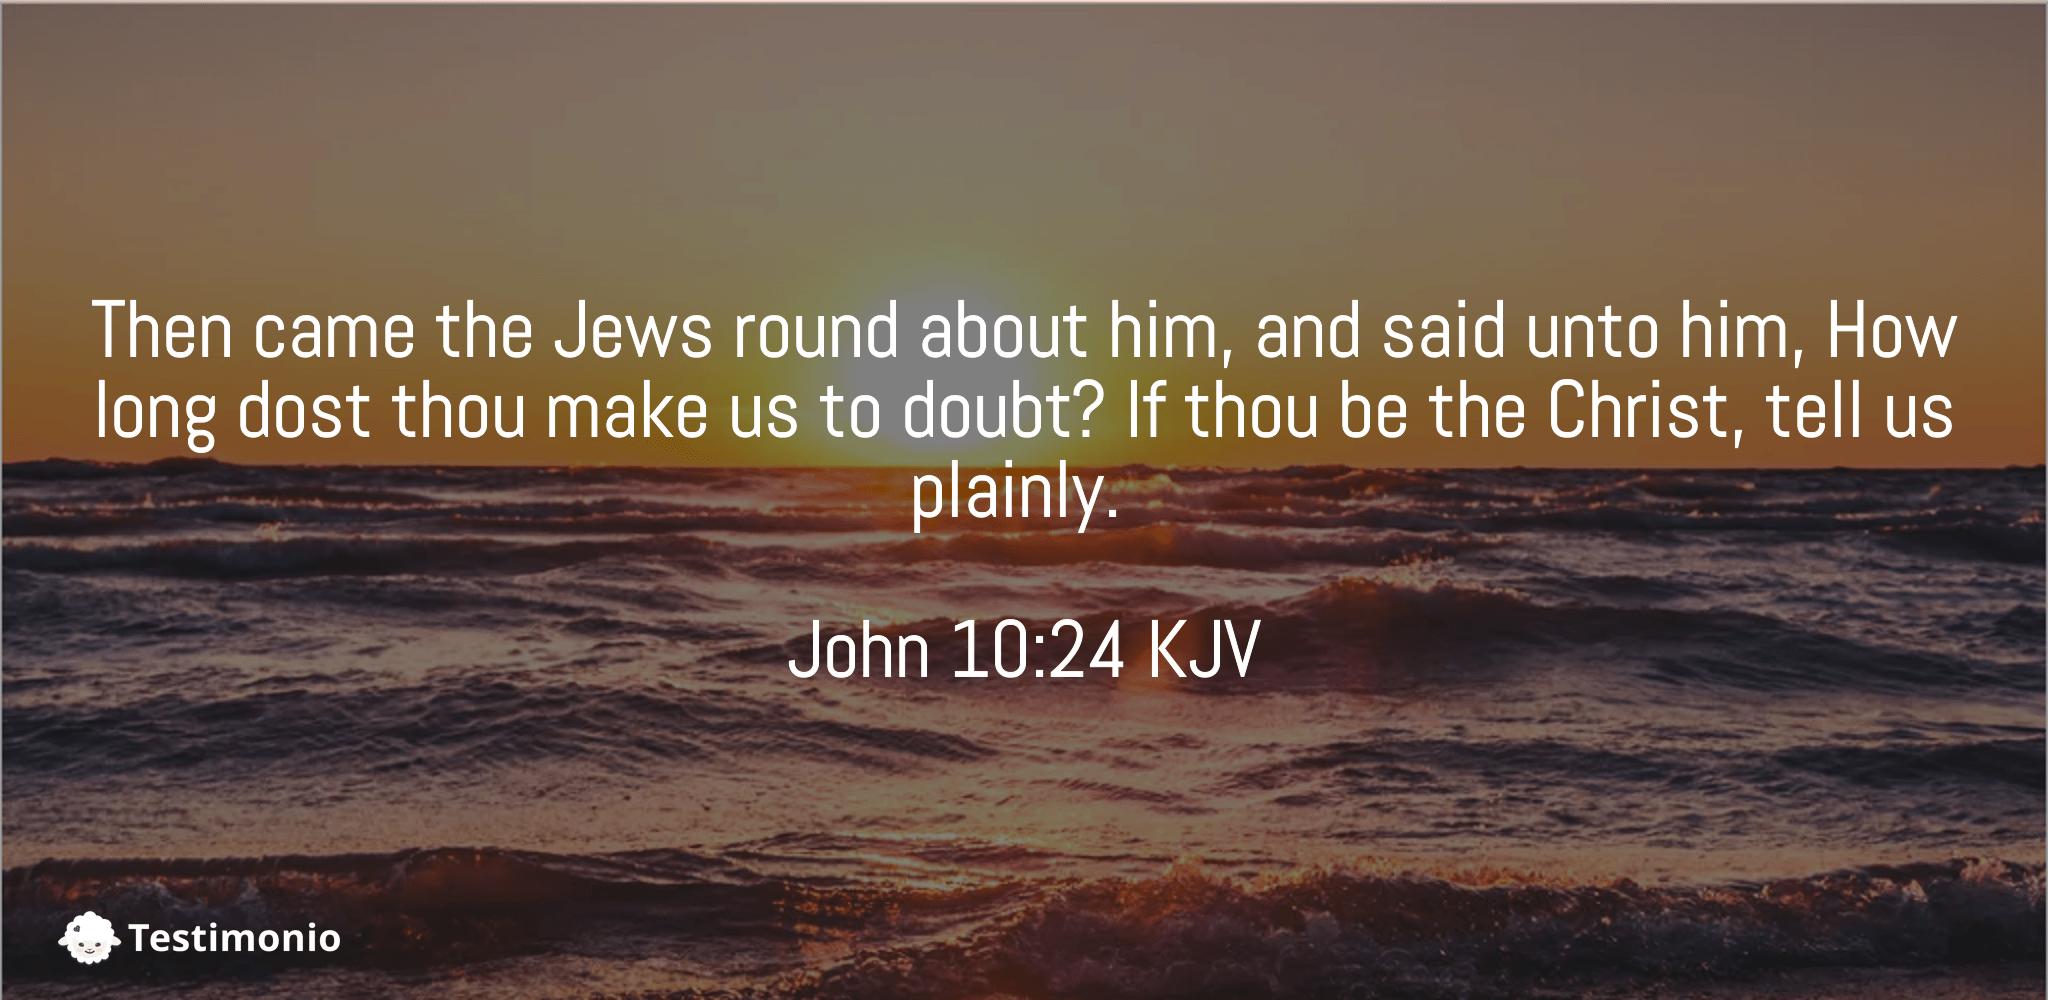 John 10:24